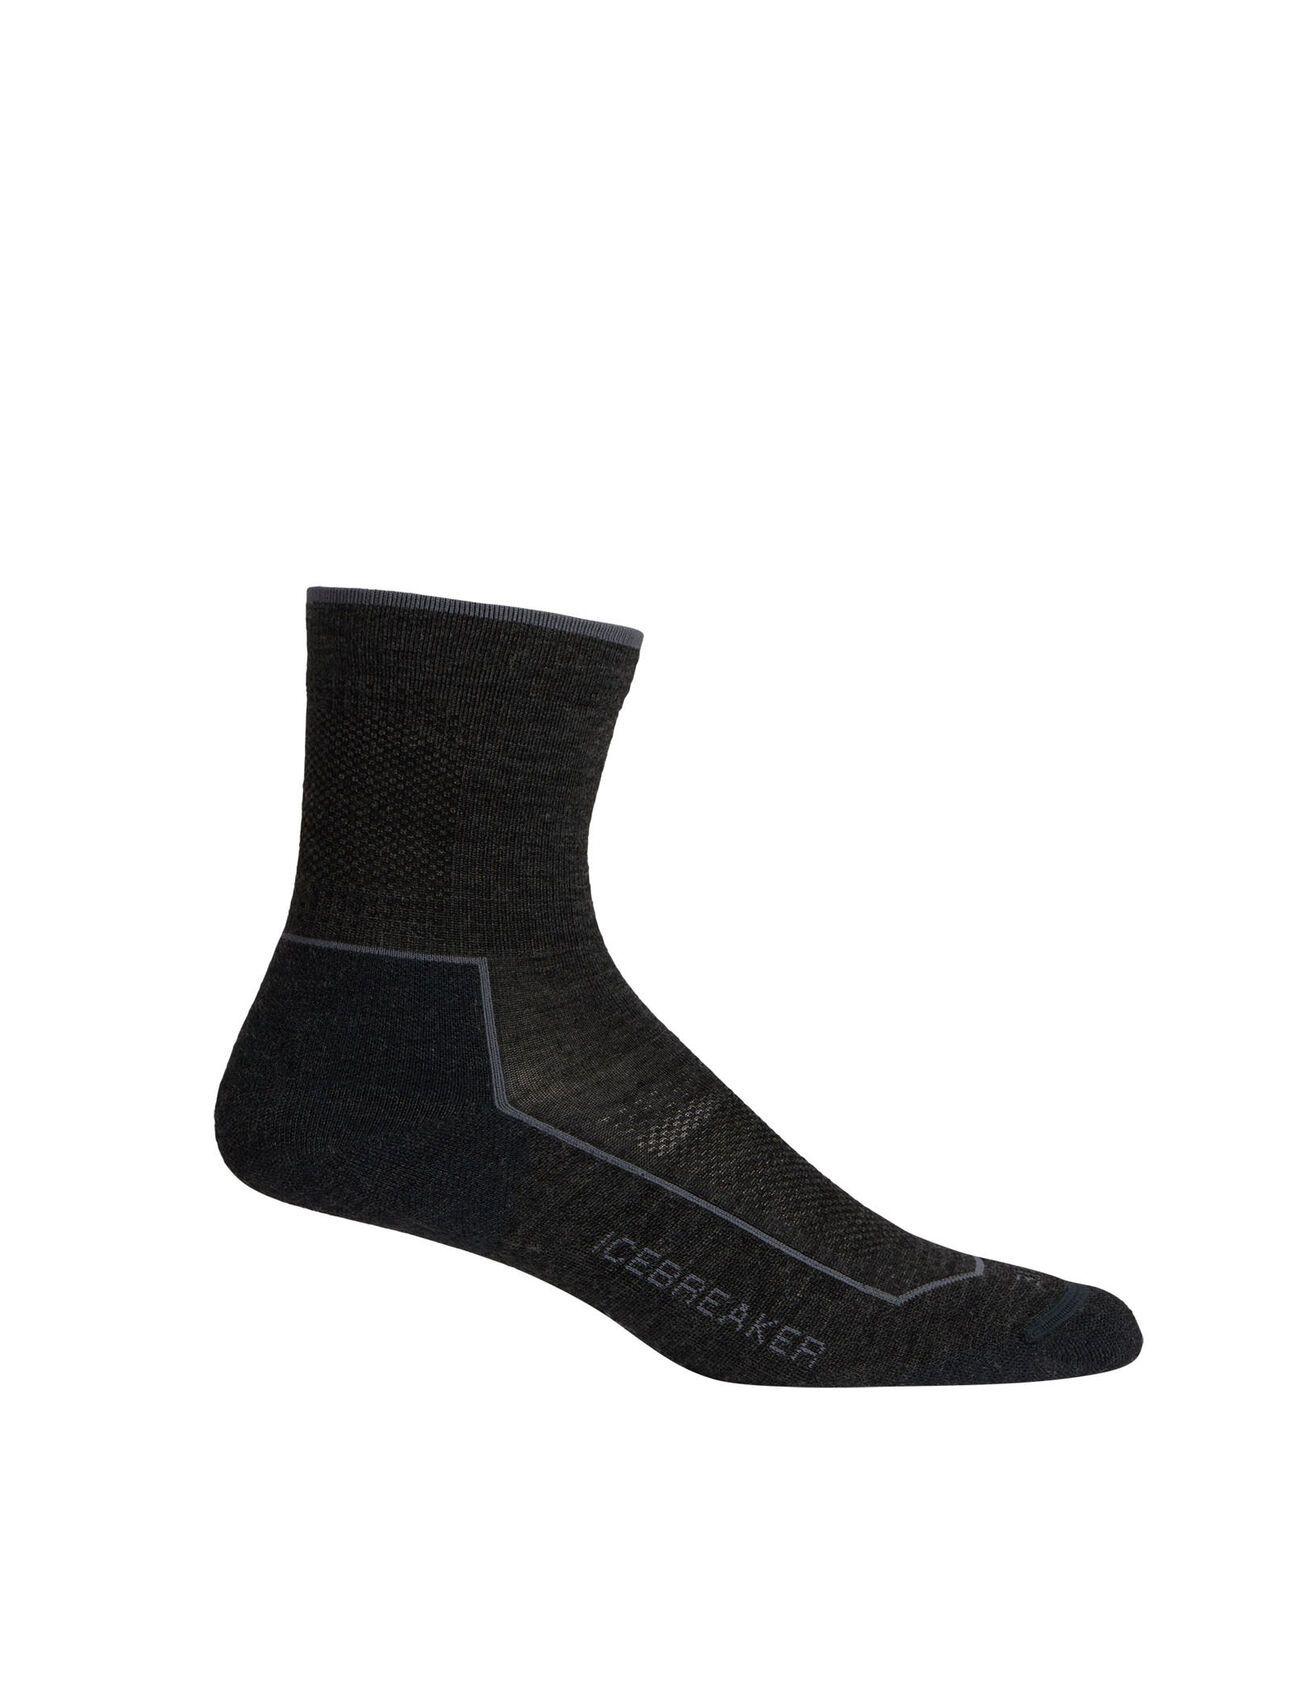 Women's Cool-Lite™ Merino Hike 3Q Crew Socks